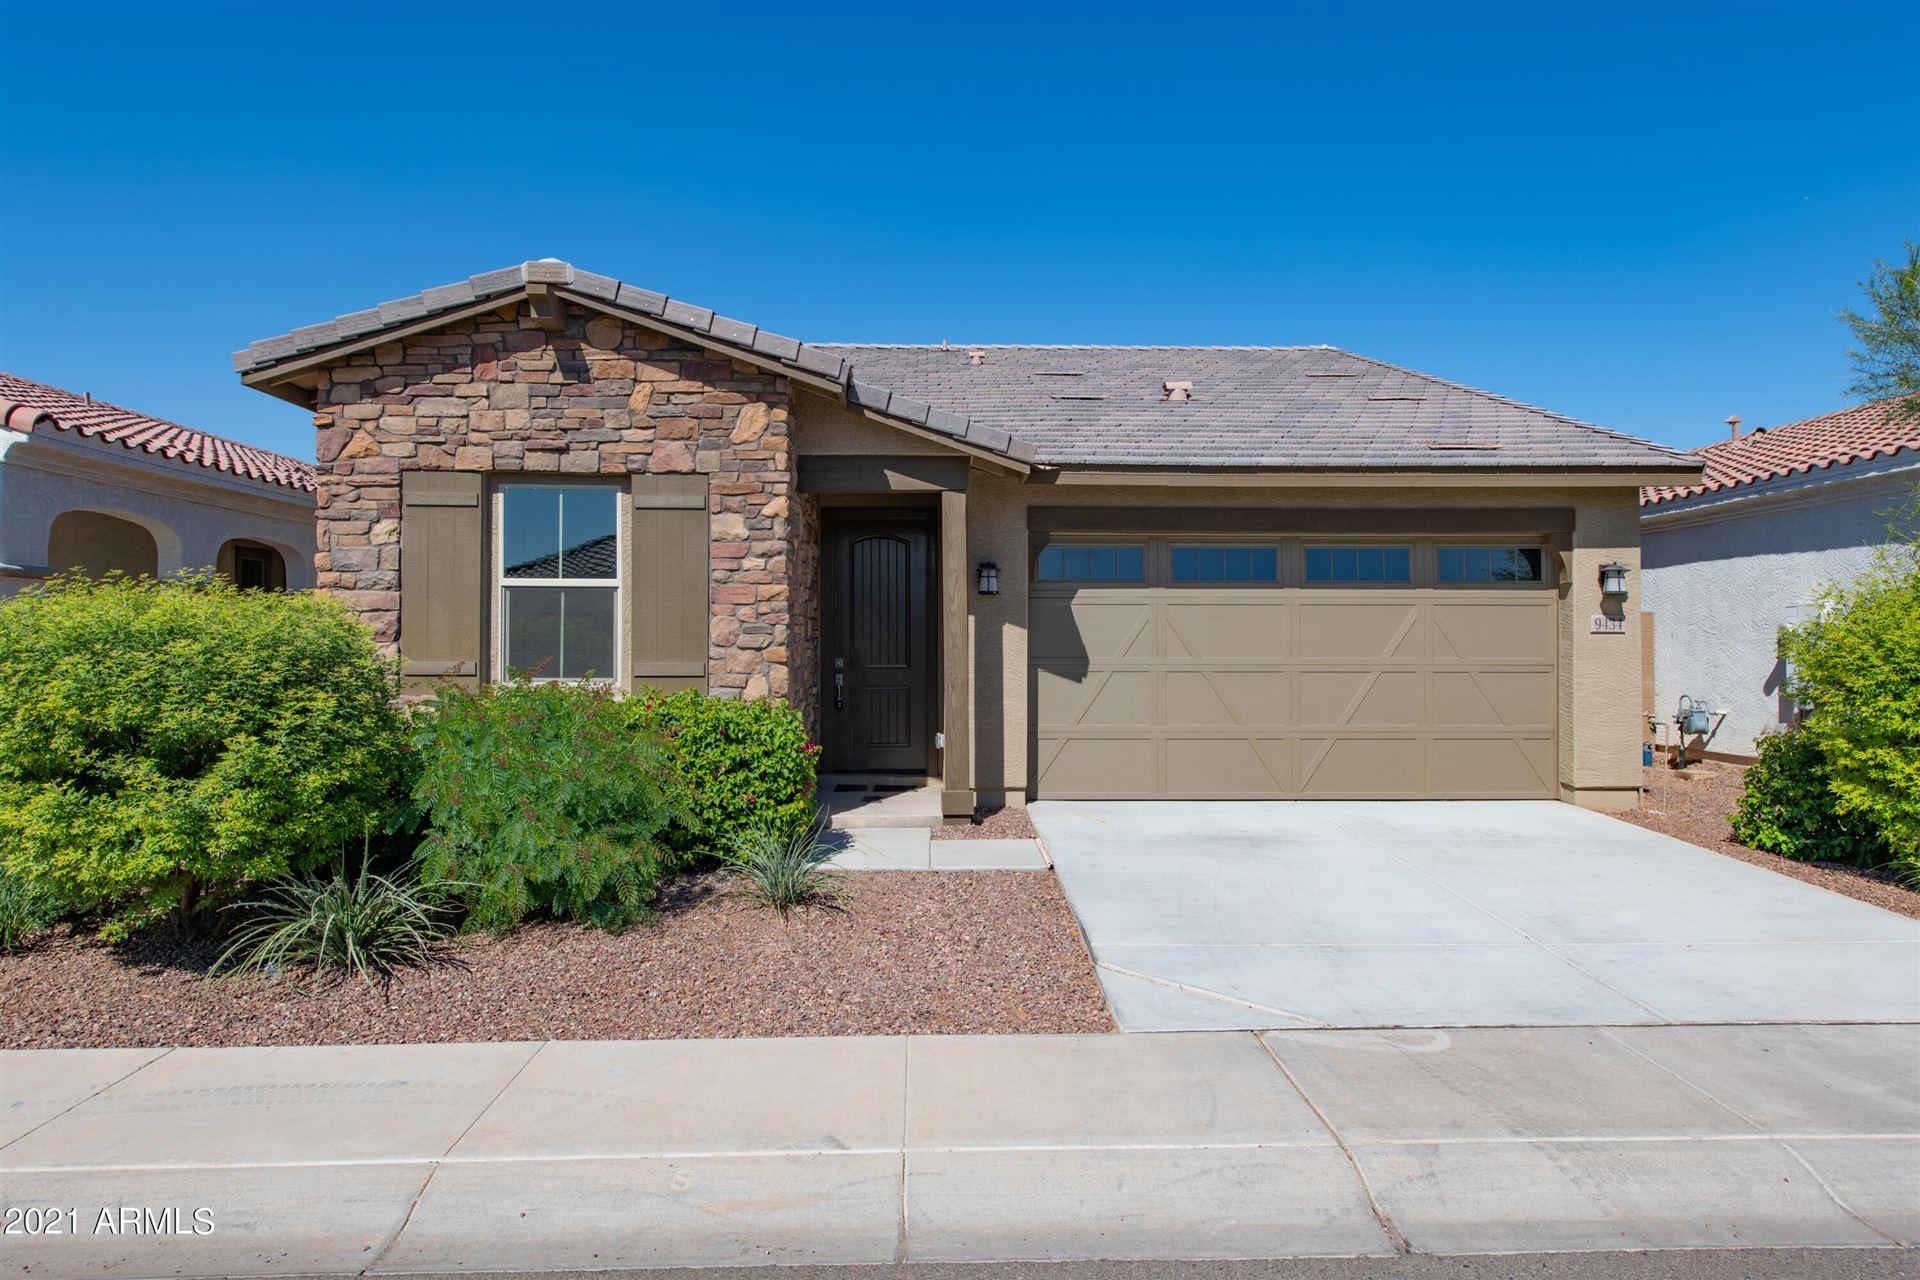 9434 W MEADOWBROOK Avenue, Phoenix, AZ 85037 - MLS#: 6304780